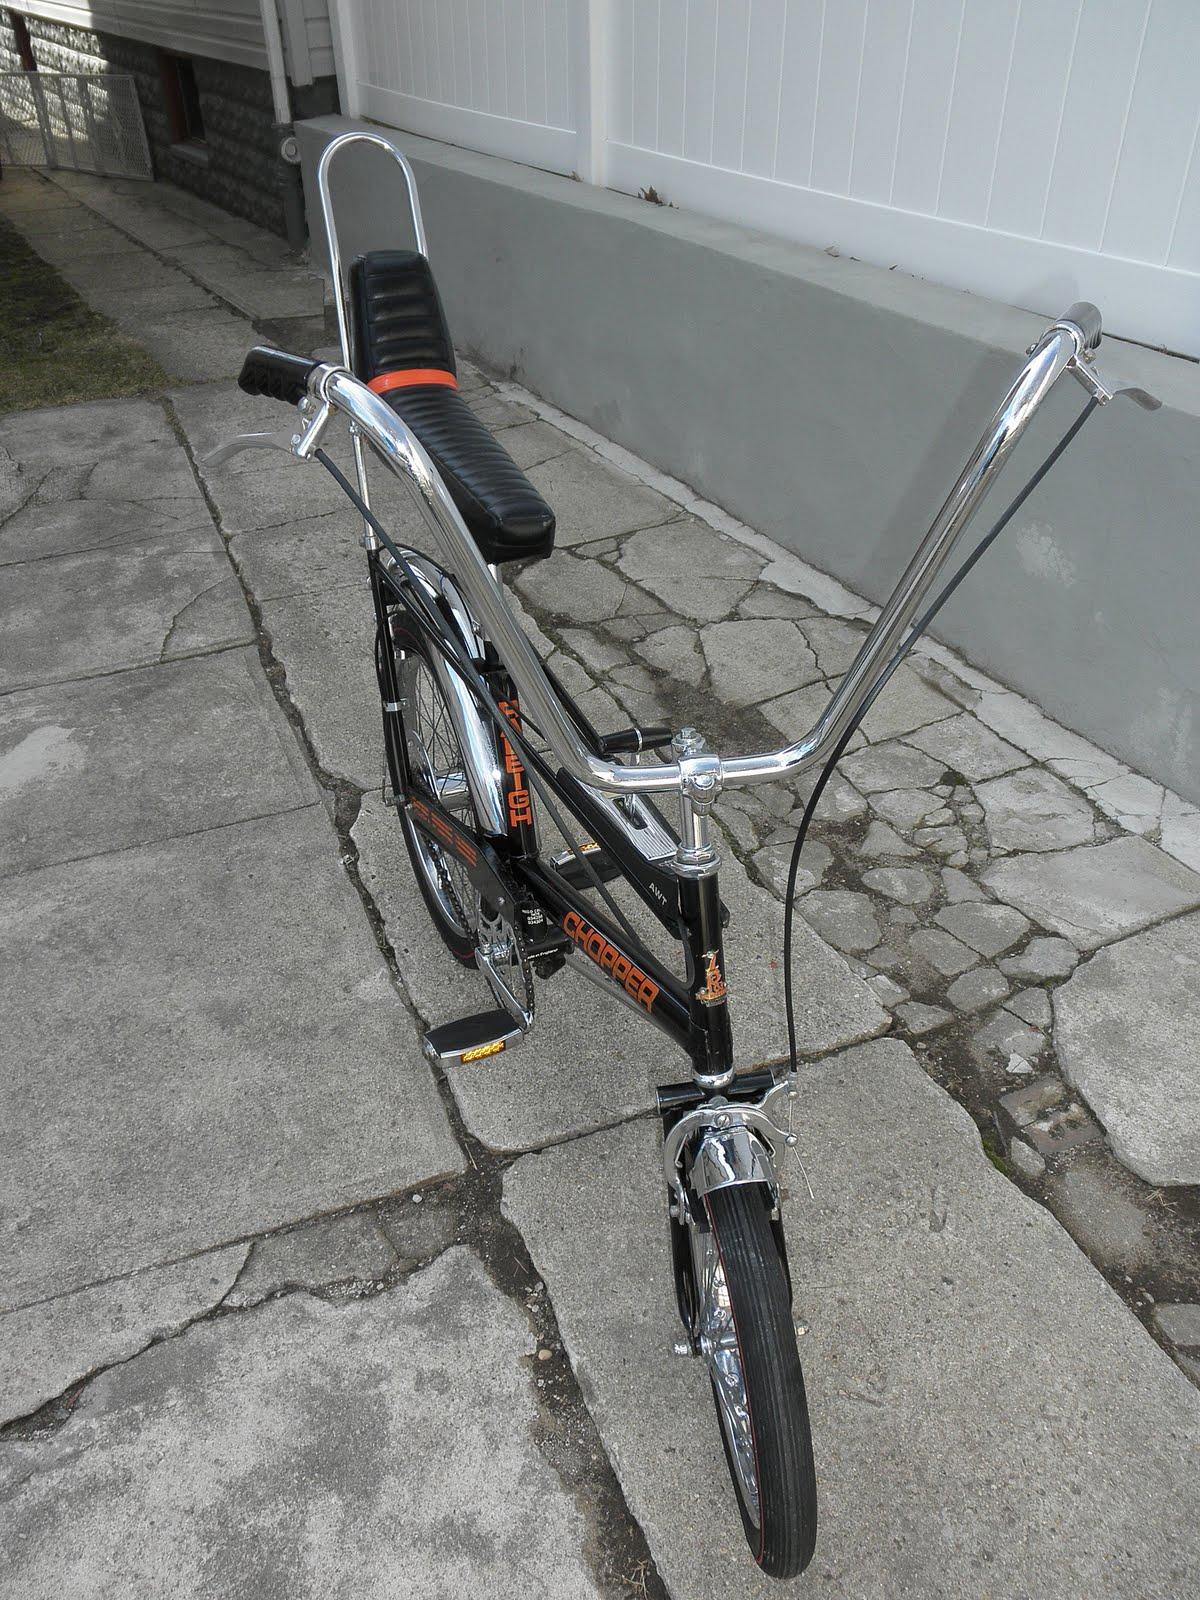 The Muscle Bike Blog: February 2011